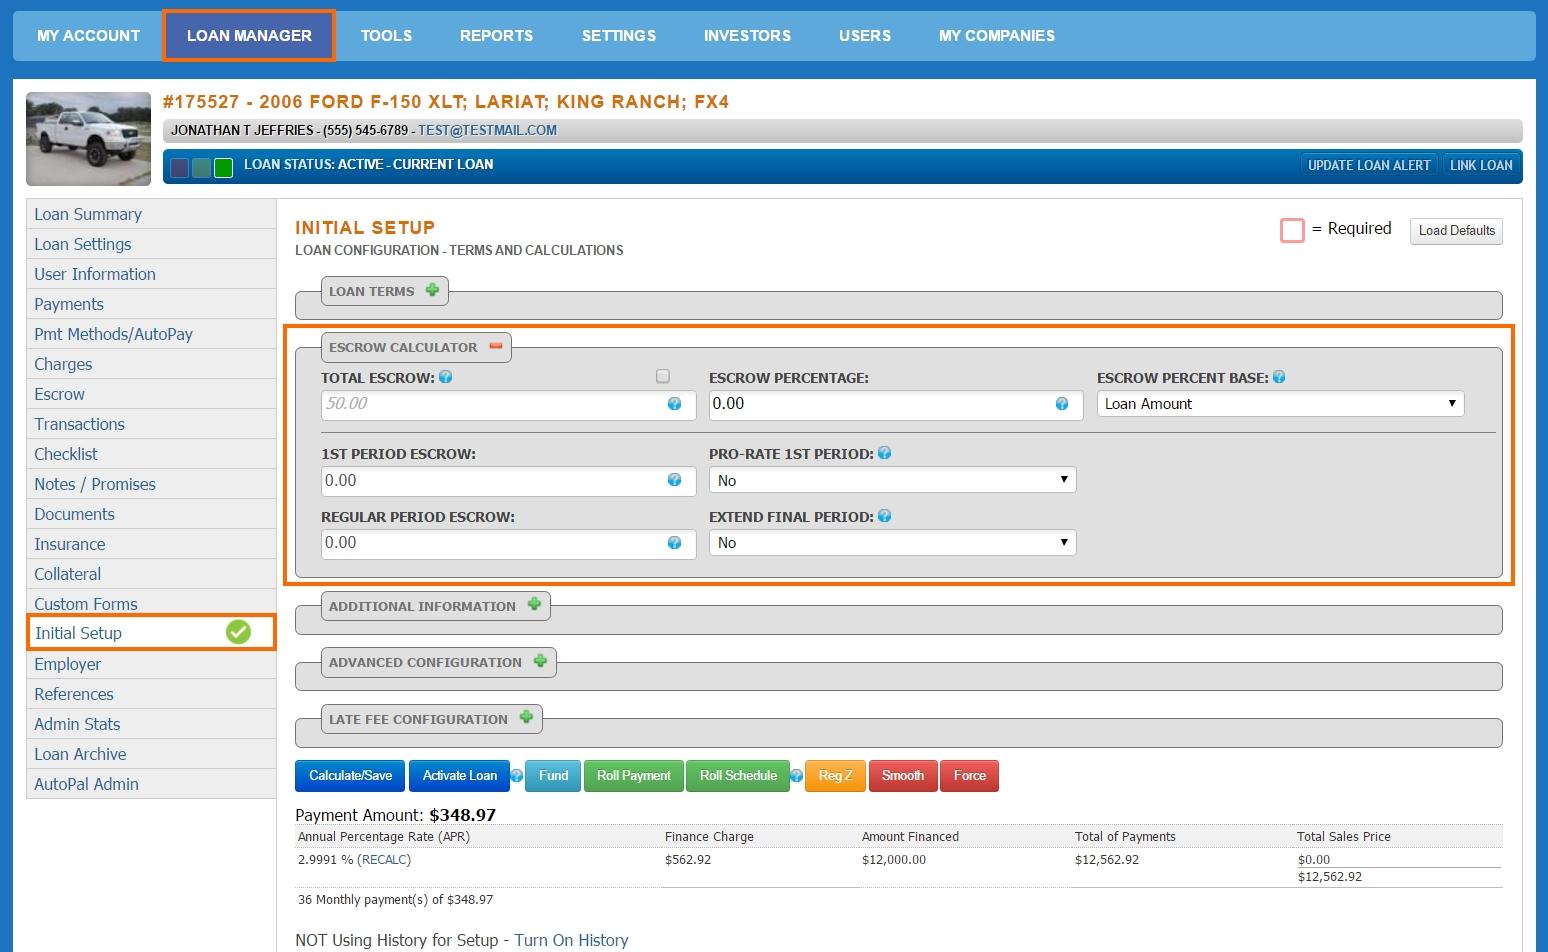 Loan Manager - Initial Setup - Escrow Calculator 2